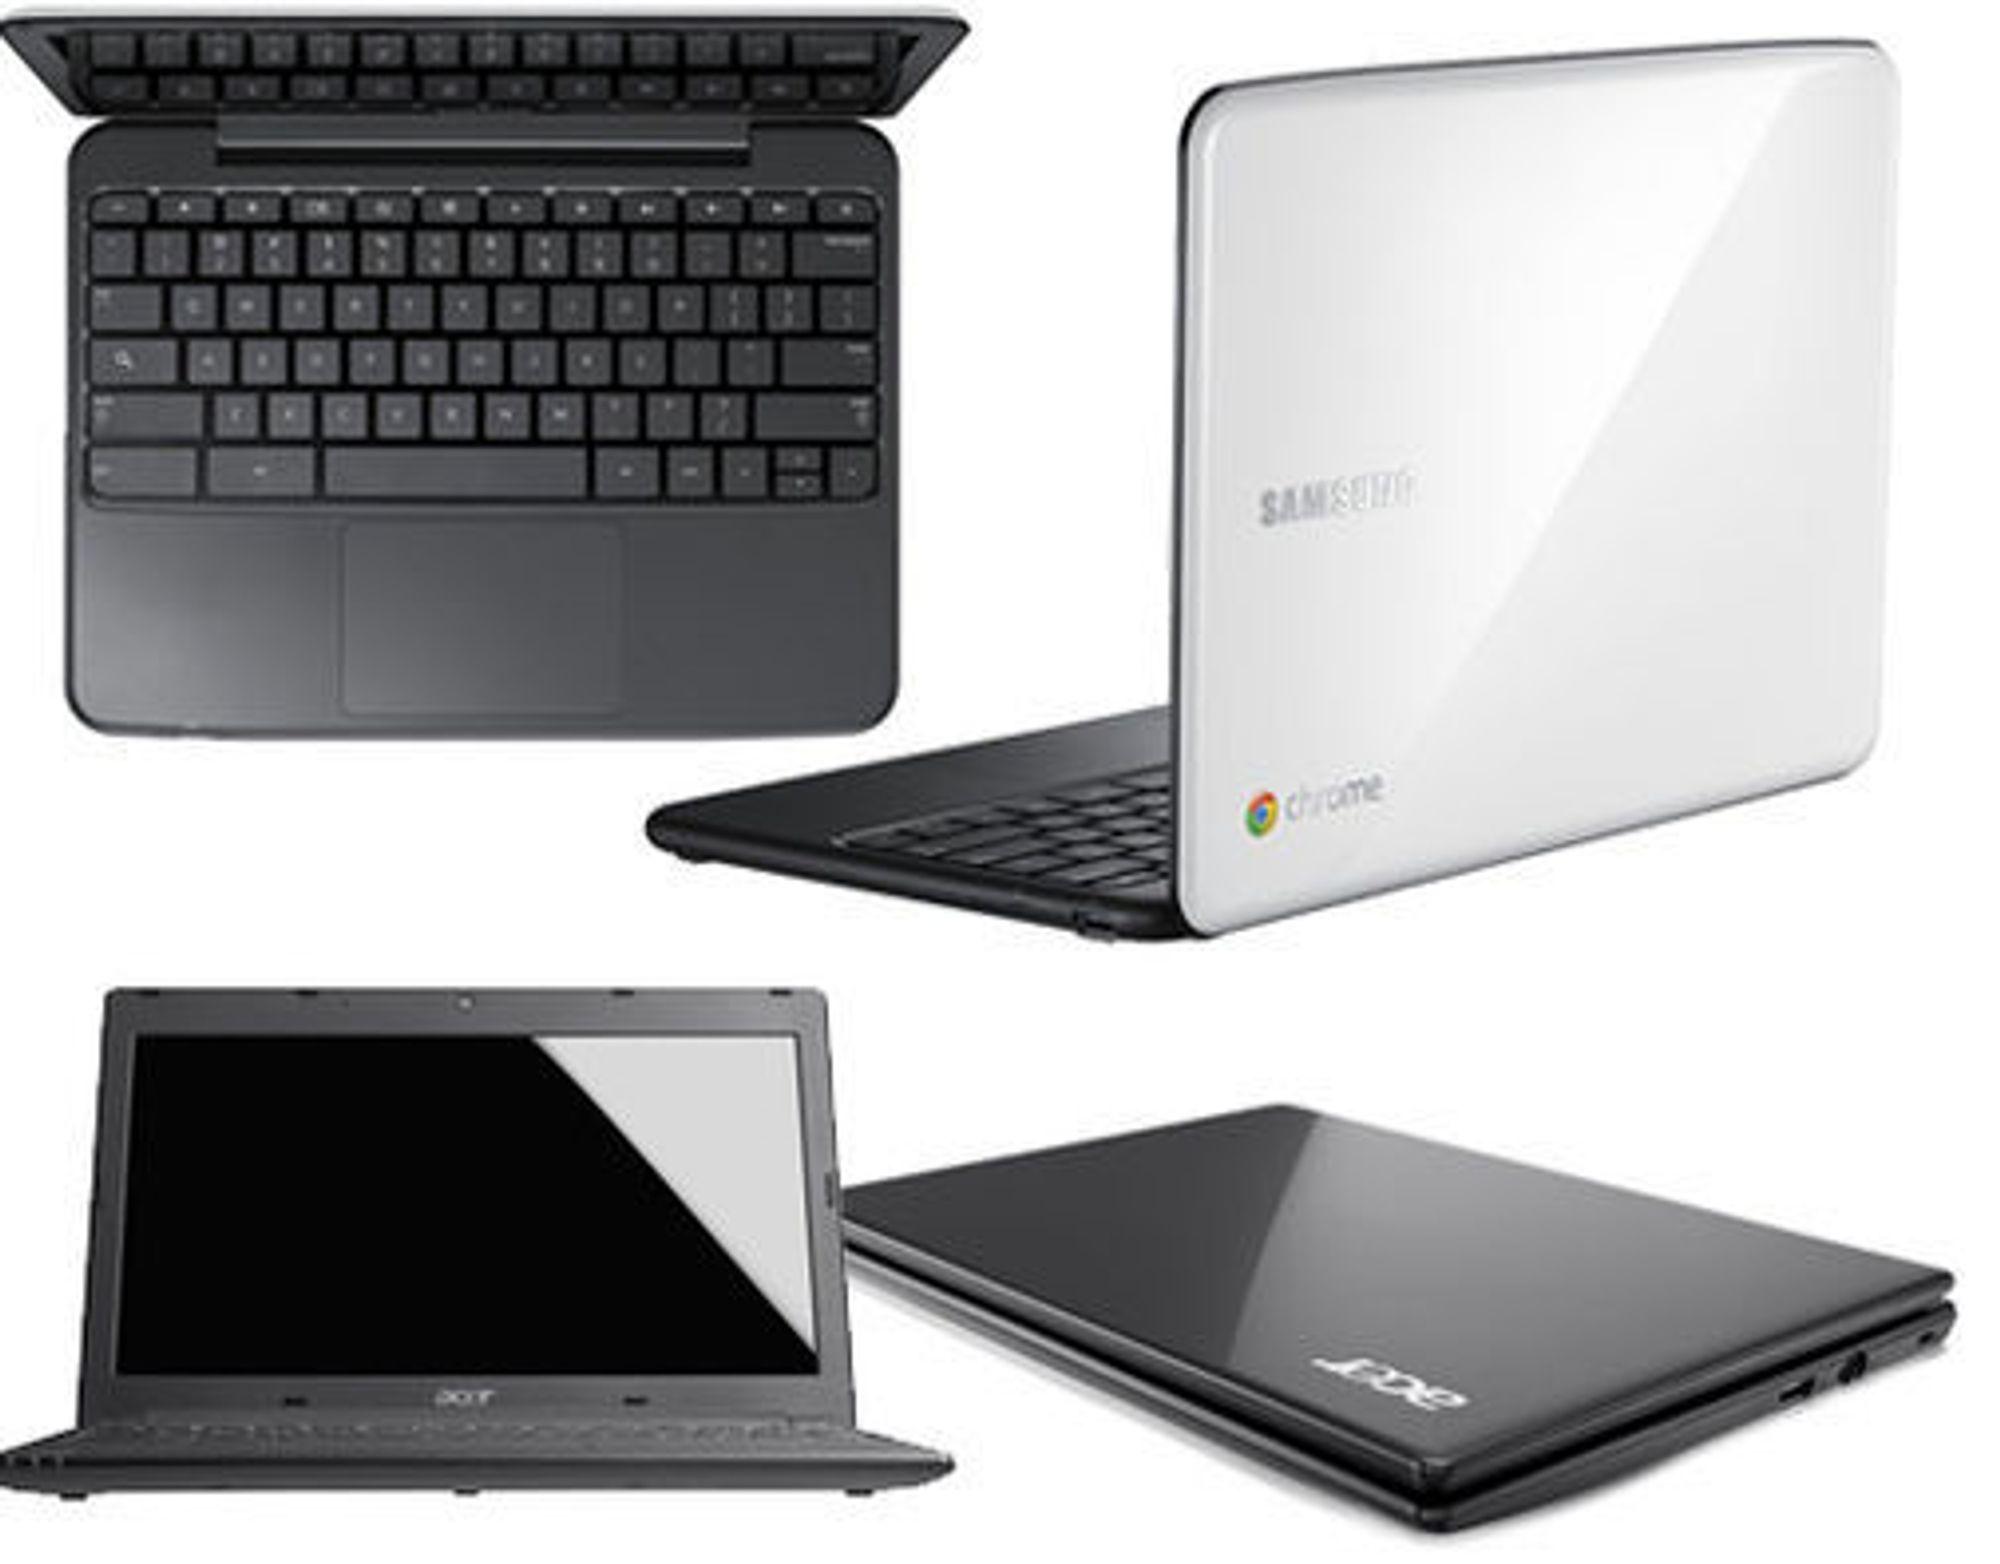 Chromebook fra Samsung (øverst) tilbys i to ulike farger. Modellen fra Acer under har litt mindre skjerm og en lavere pris.